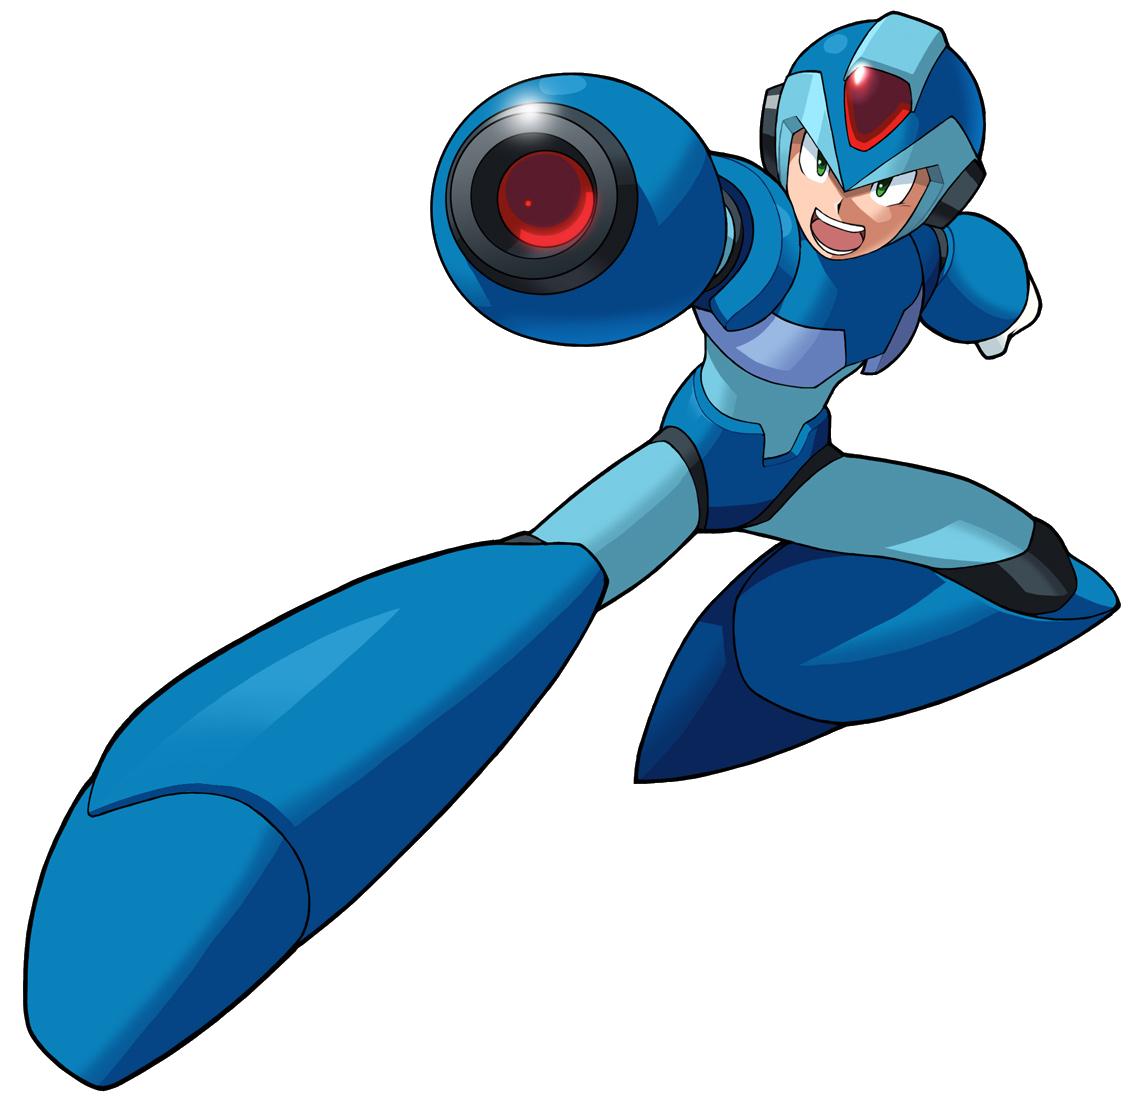 Mega Man X | McLeodGaming Wiki | FANDOM powered by Wikia